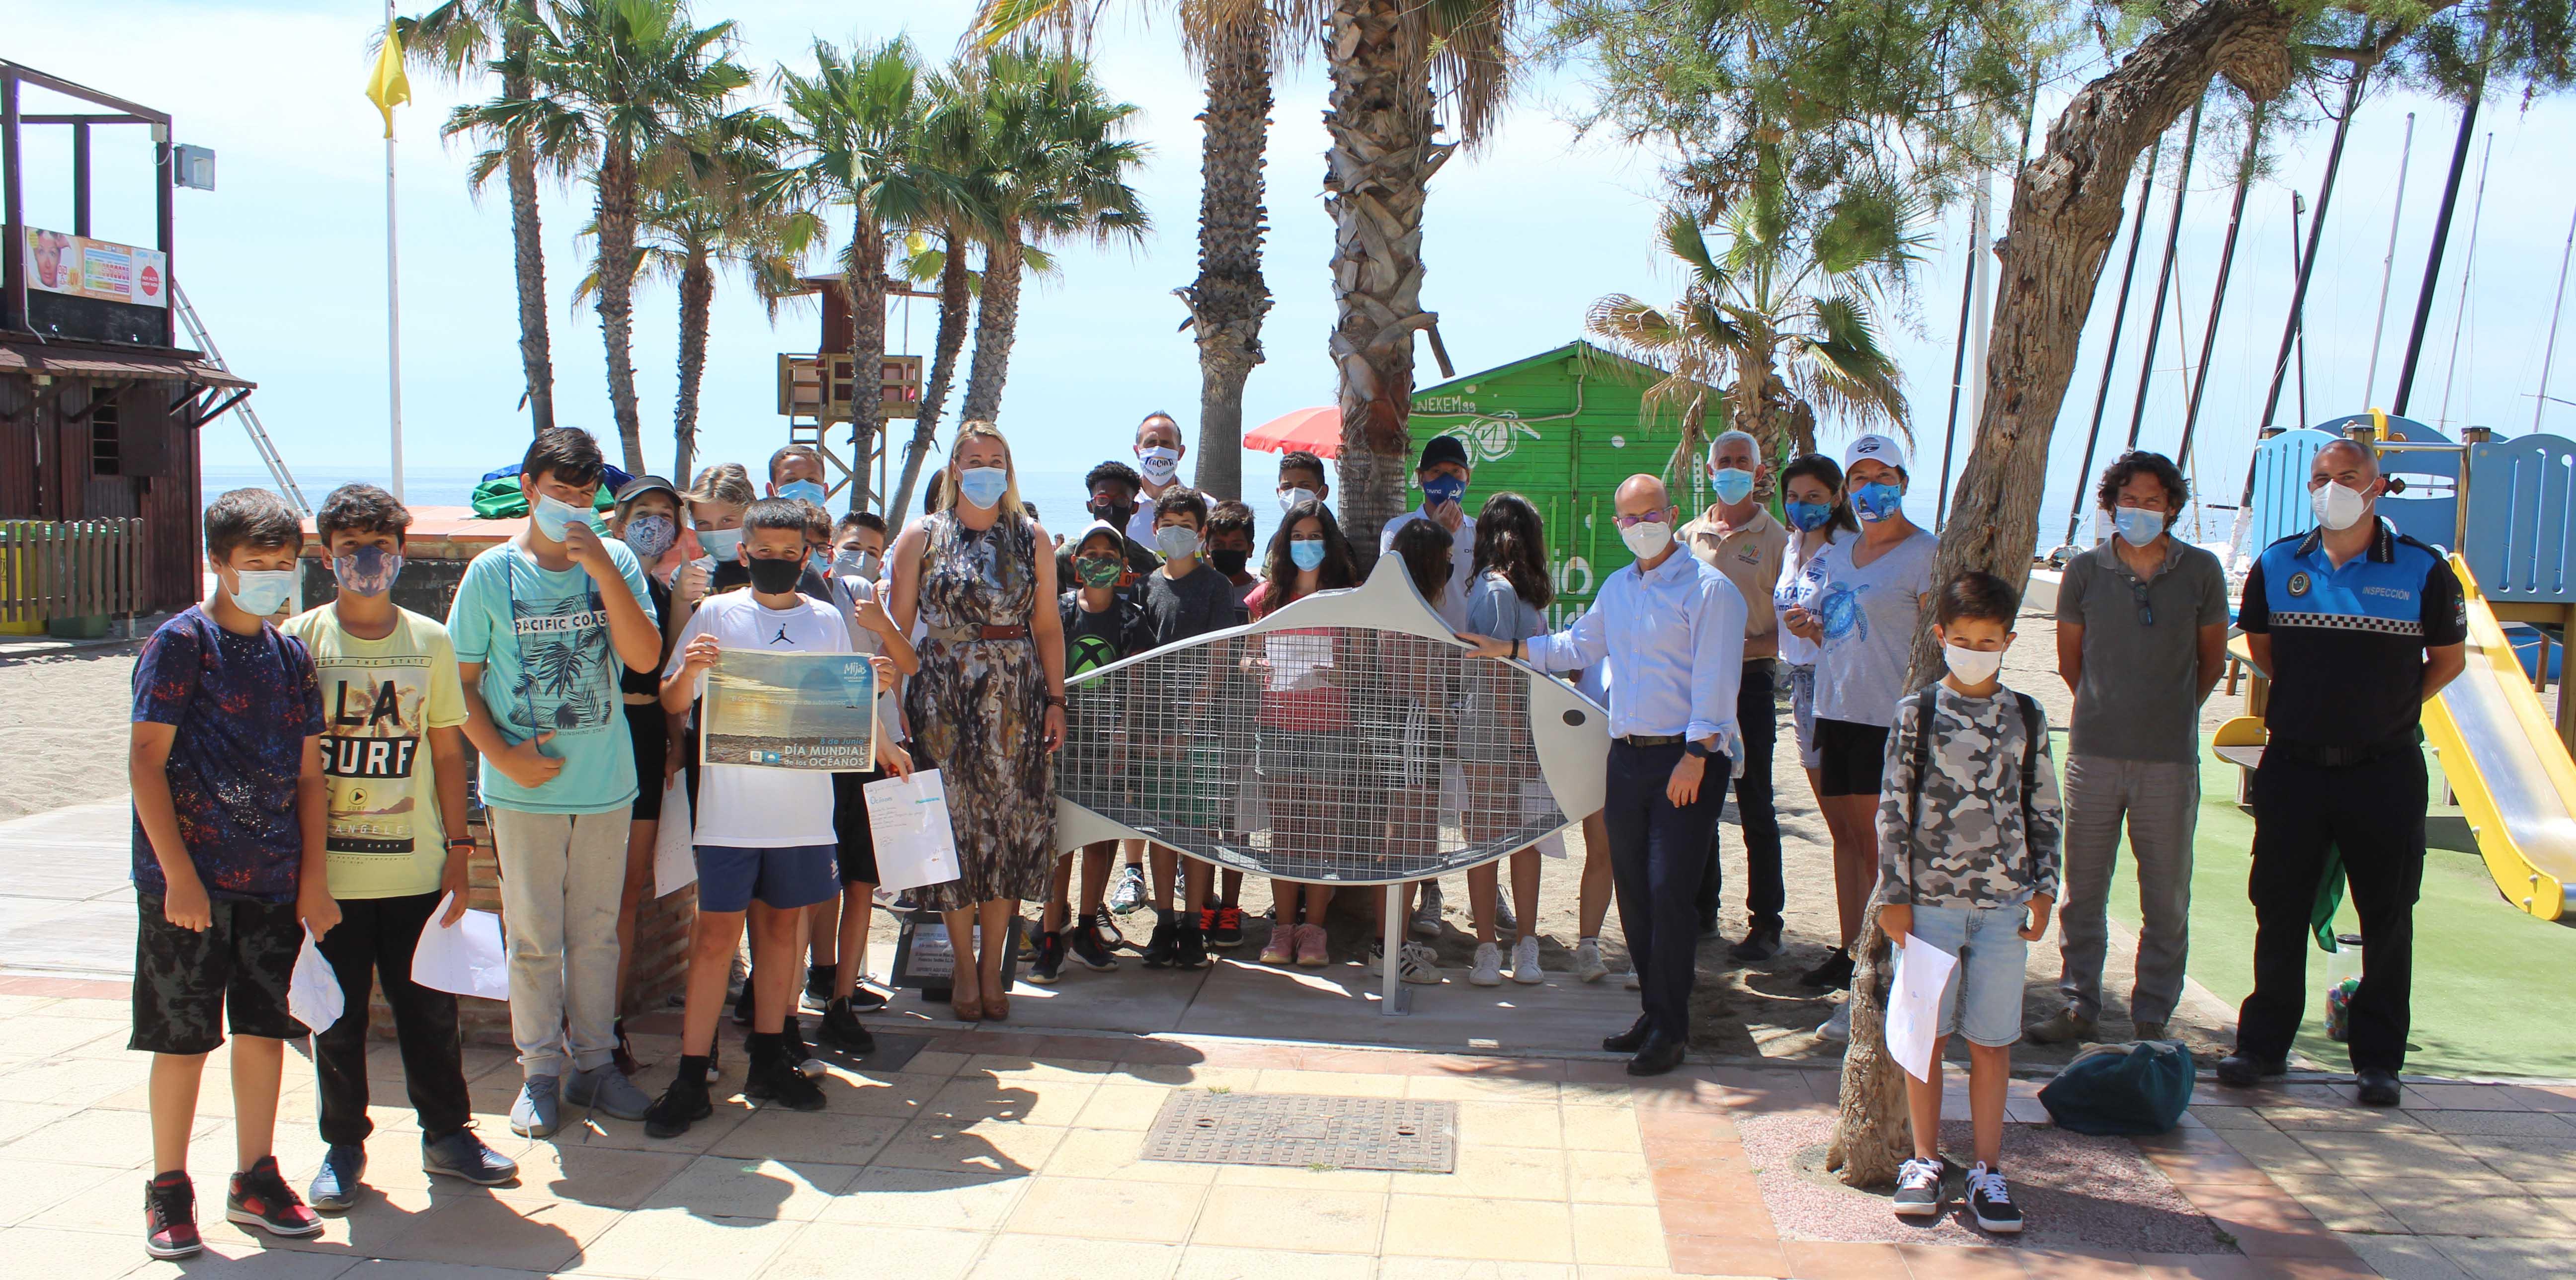 Llega a la costa de Mijas el único pez que se 'alimenta' de plástico